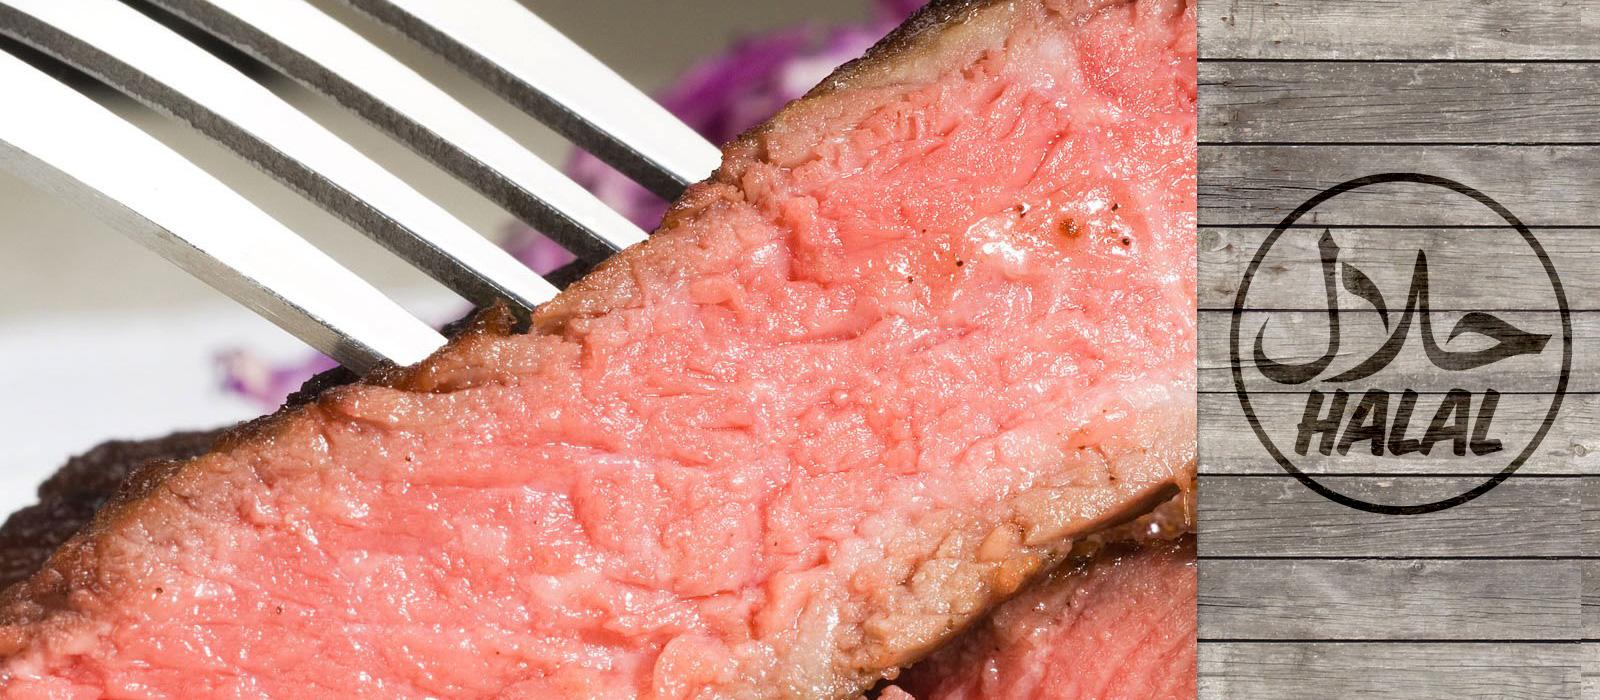 Meat Halal